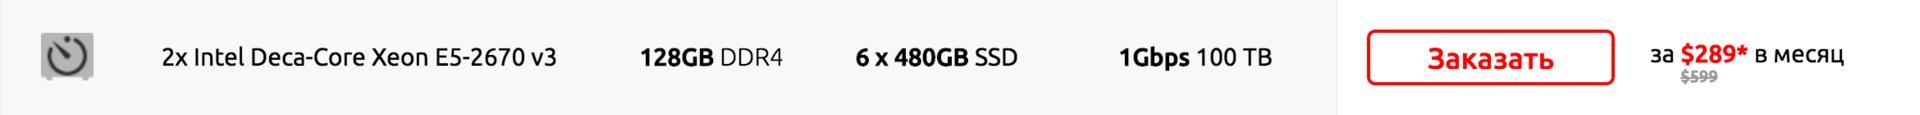 Серверы в Нидерландах в premium-ЦОДе становятся дешевле OVH, Hetzner при заключении контракта с ua-hosting.company - 8